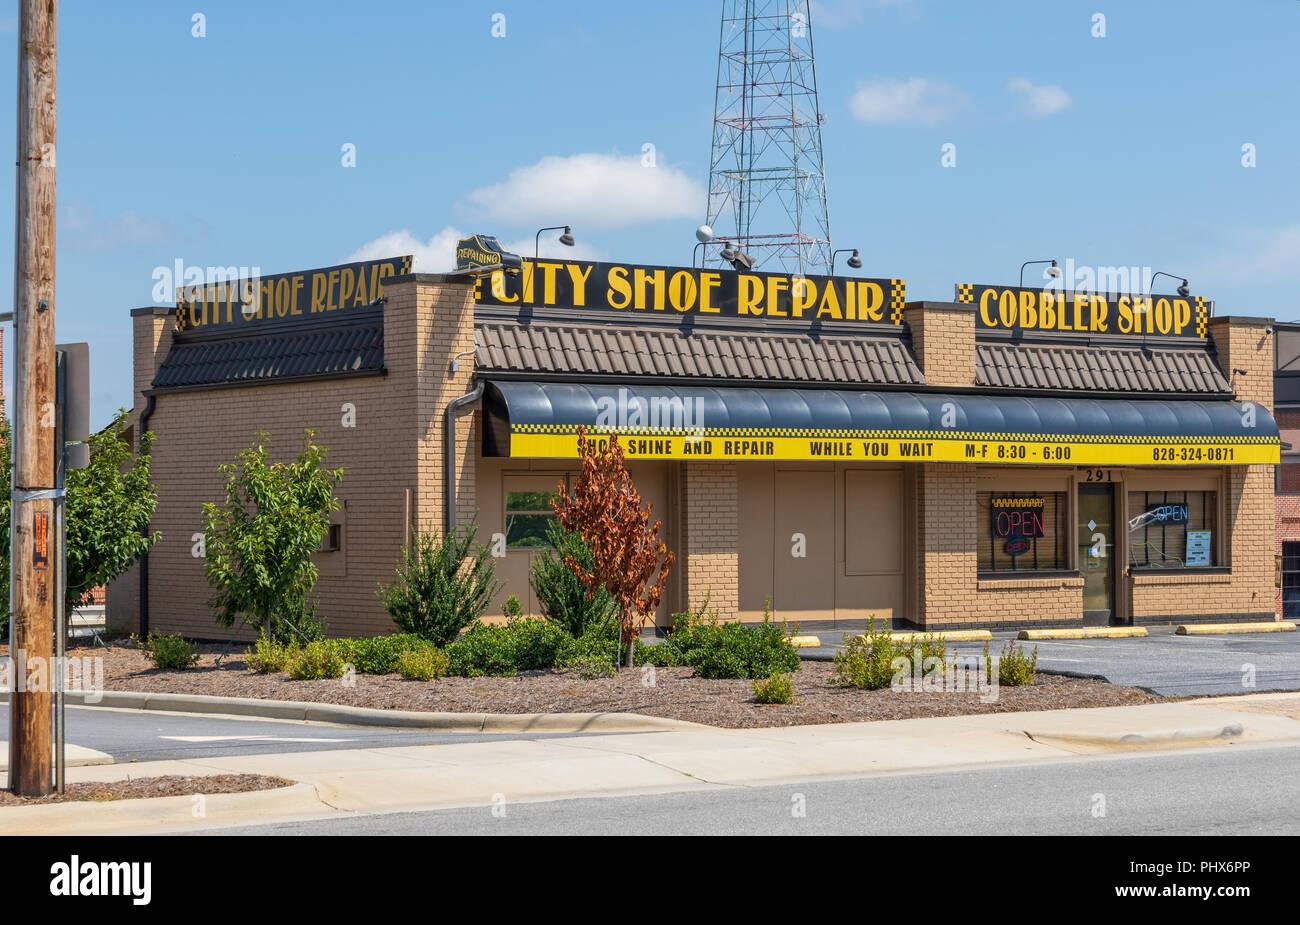 HICKORY, NORTH CAROLINA,  USA-9/1/18: A local shoe repair/ cobbler shop. Stock Photo